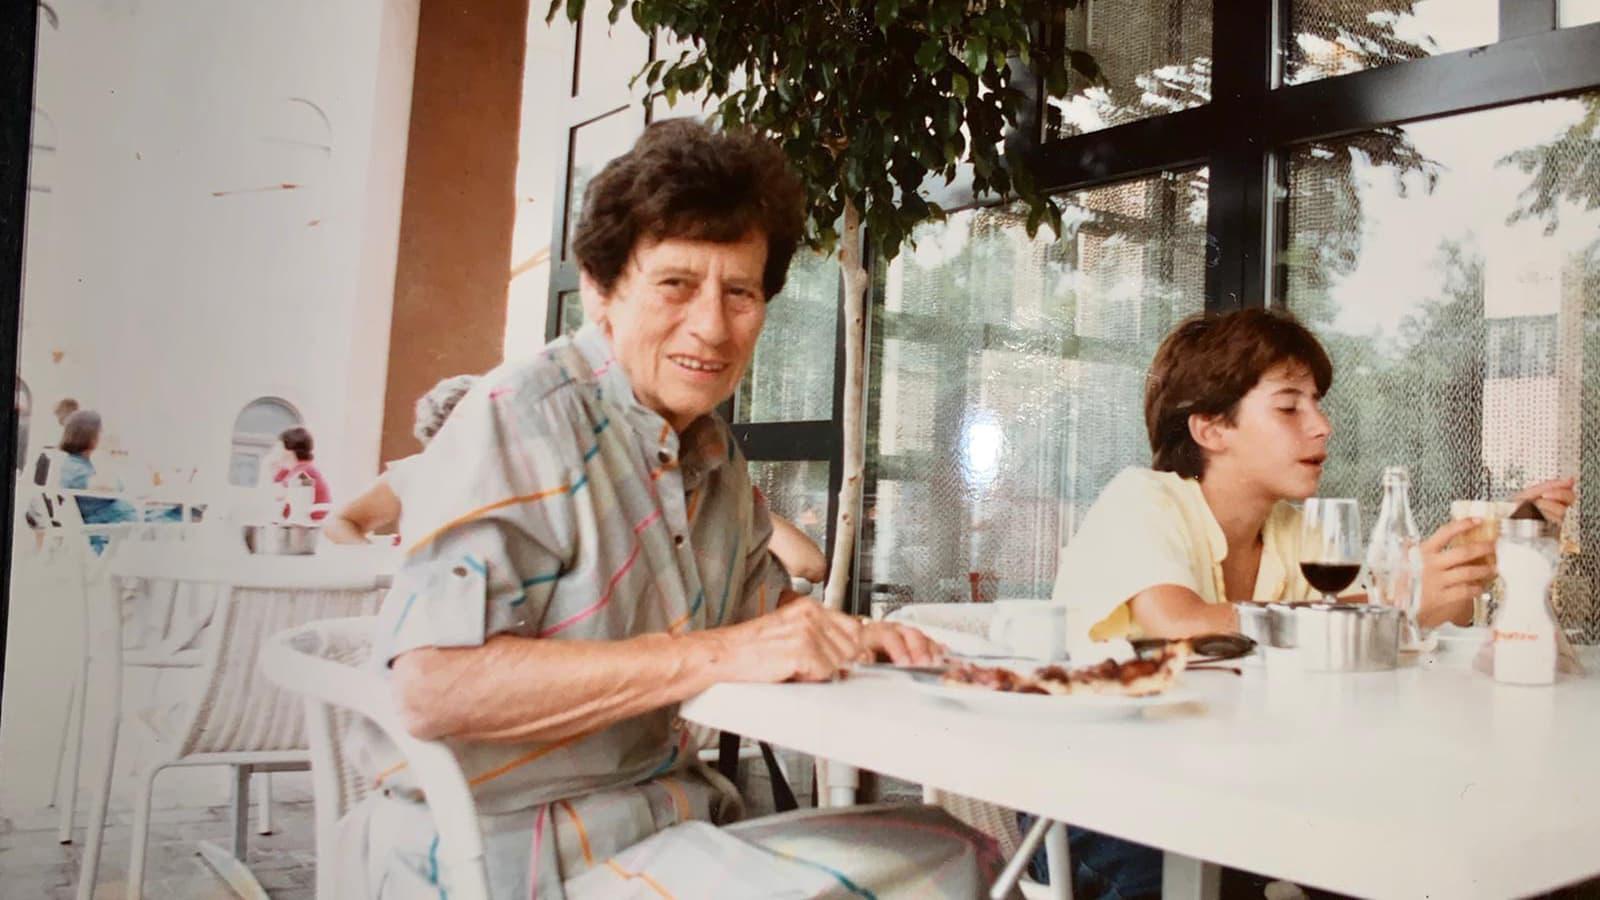 אבנר הופשטיין הילד וסבתא שלו